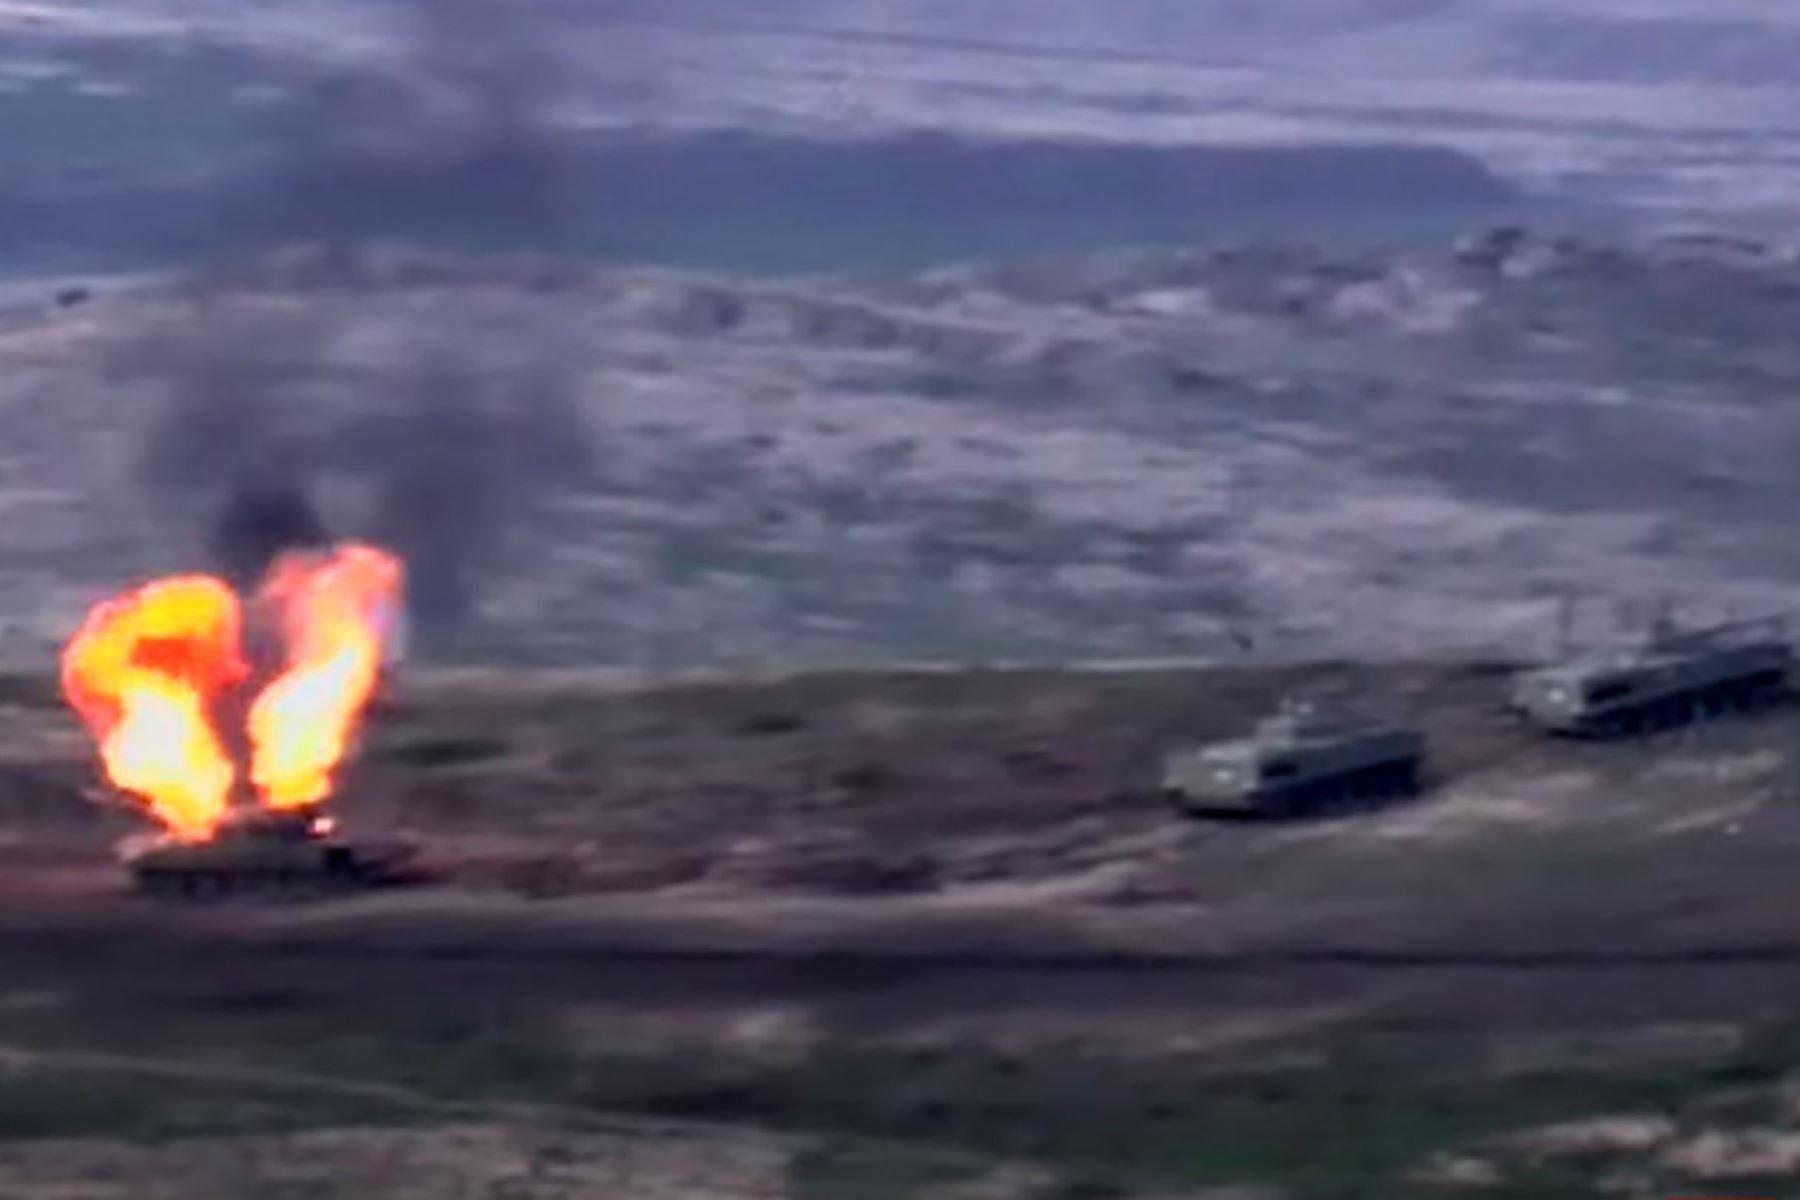 Una captura de imagen tomada de un video disponible en el sitio web oficial del Ministerio de Defensa armenio, muestra supuestamente la destrucción de vehículos militares azeríes durante los enfrentamientos entre separatistas armenios y Azerba. Foto: AFP